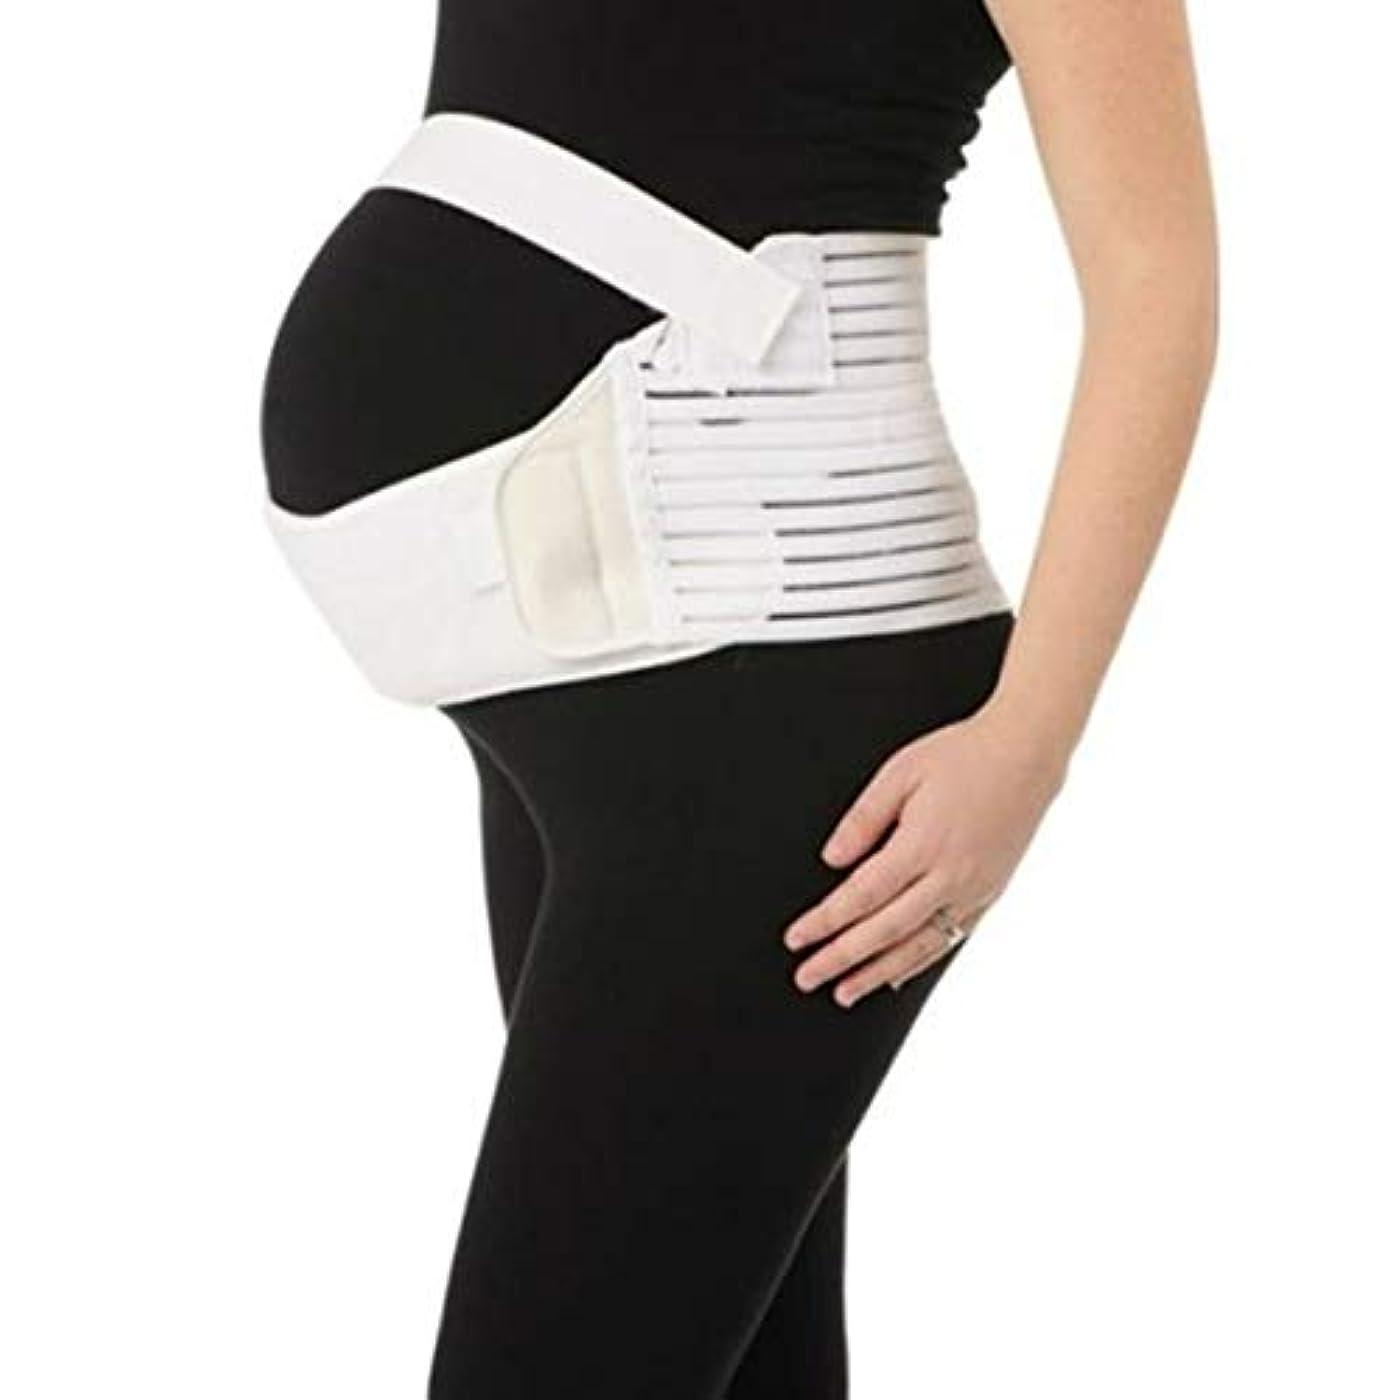 受粉するハリウッドポジティブ通気性マタニティベルト妊娠腹部サポート腹部バインダーガードル運動包帯産後の回復shapewear - ホワイトL